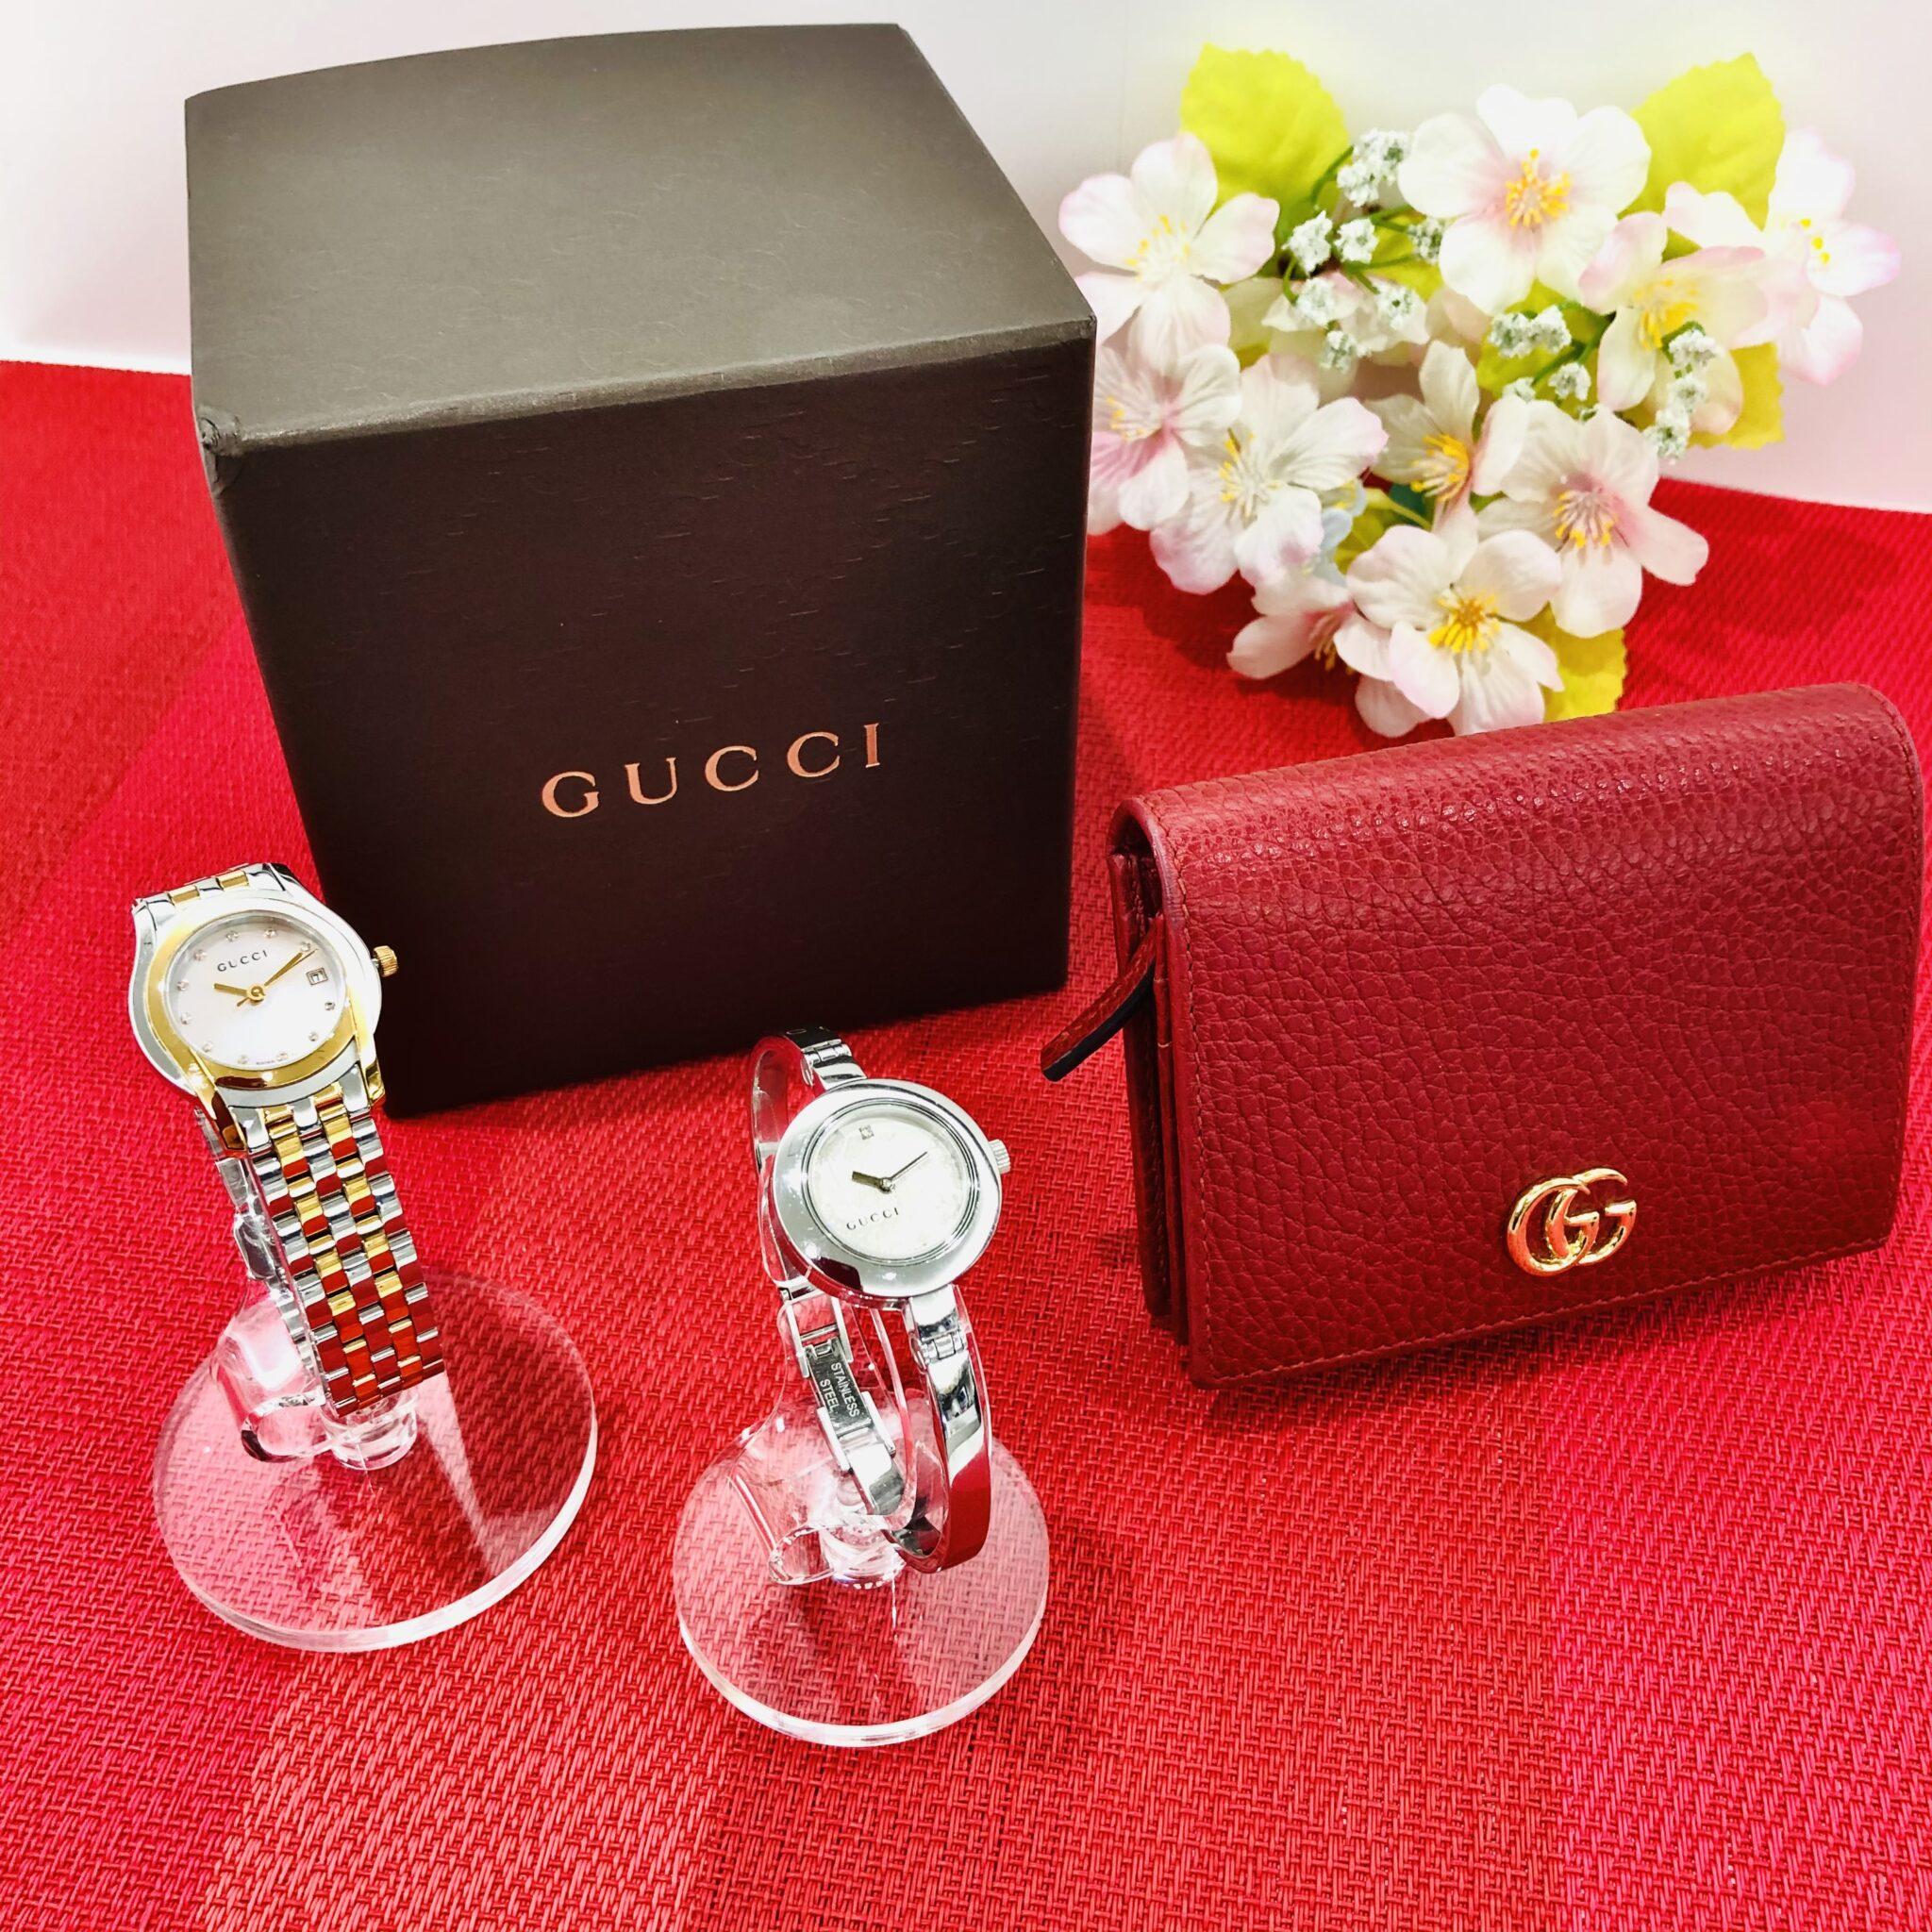 【グッチ 販売 盛岡】憧れのブランド『GUCCI』✨初めてのお買物に時計&ミニウォレットはいかが?